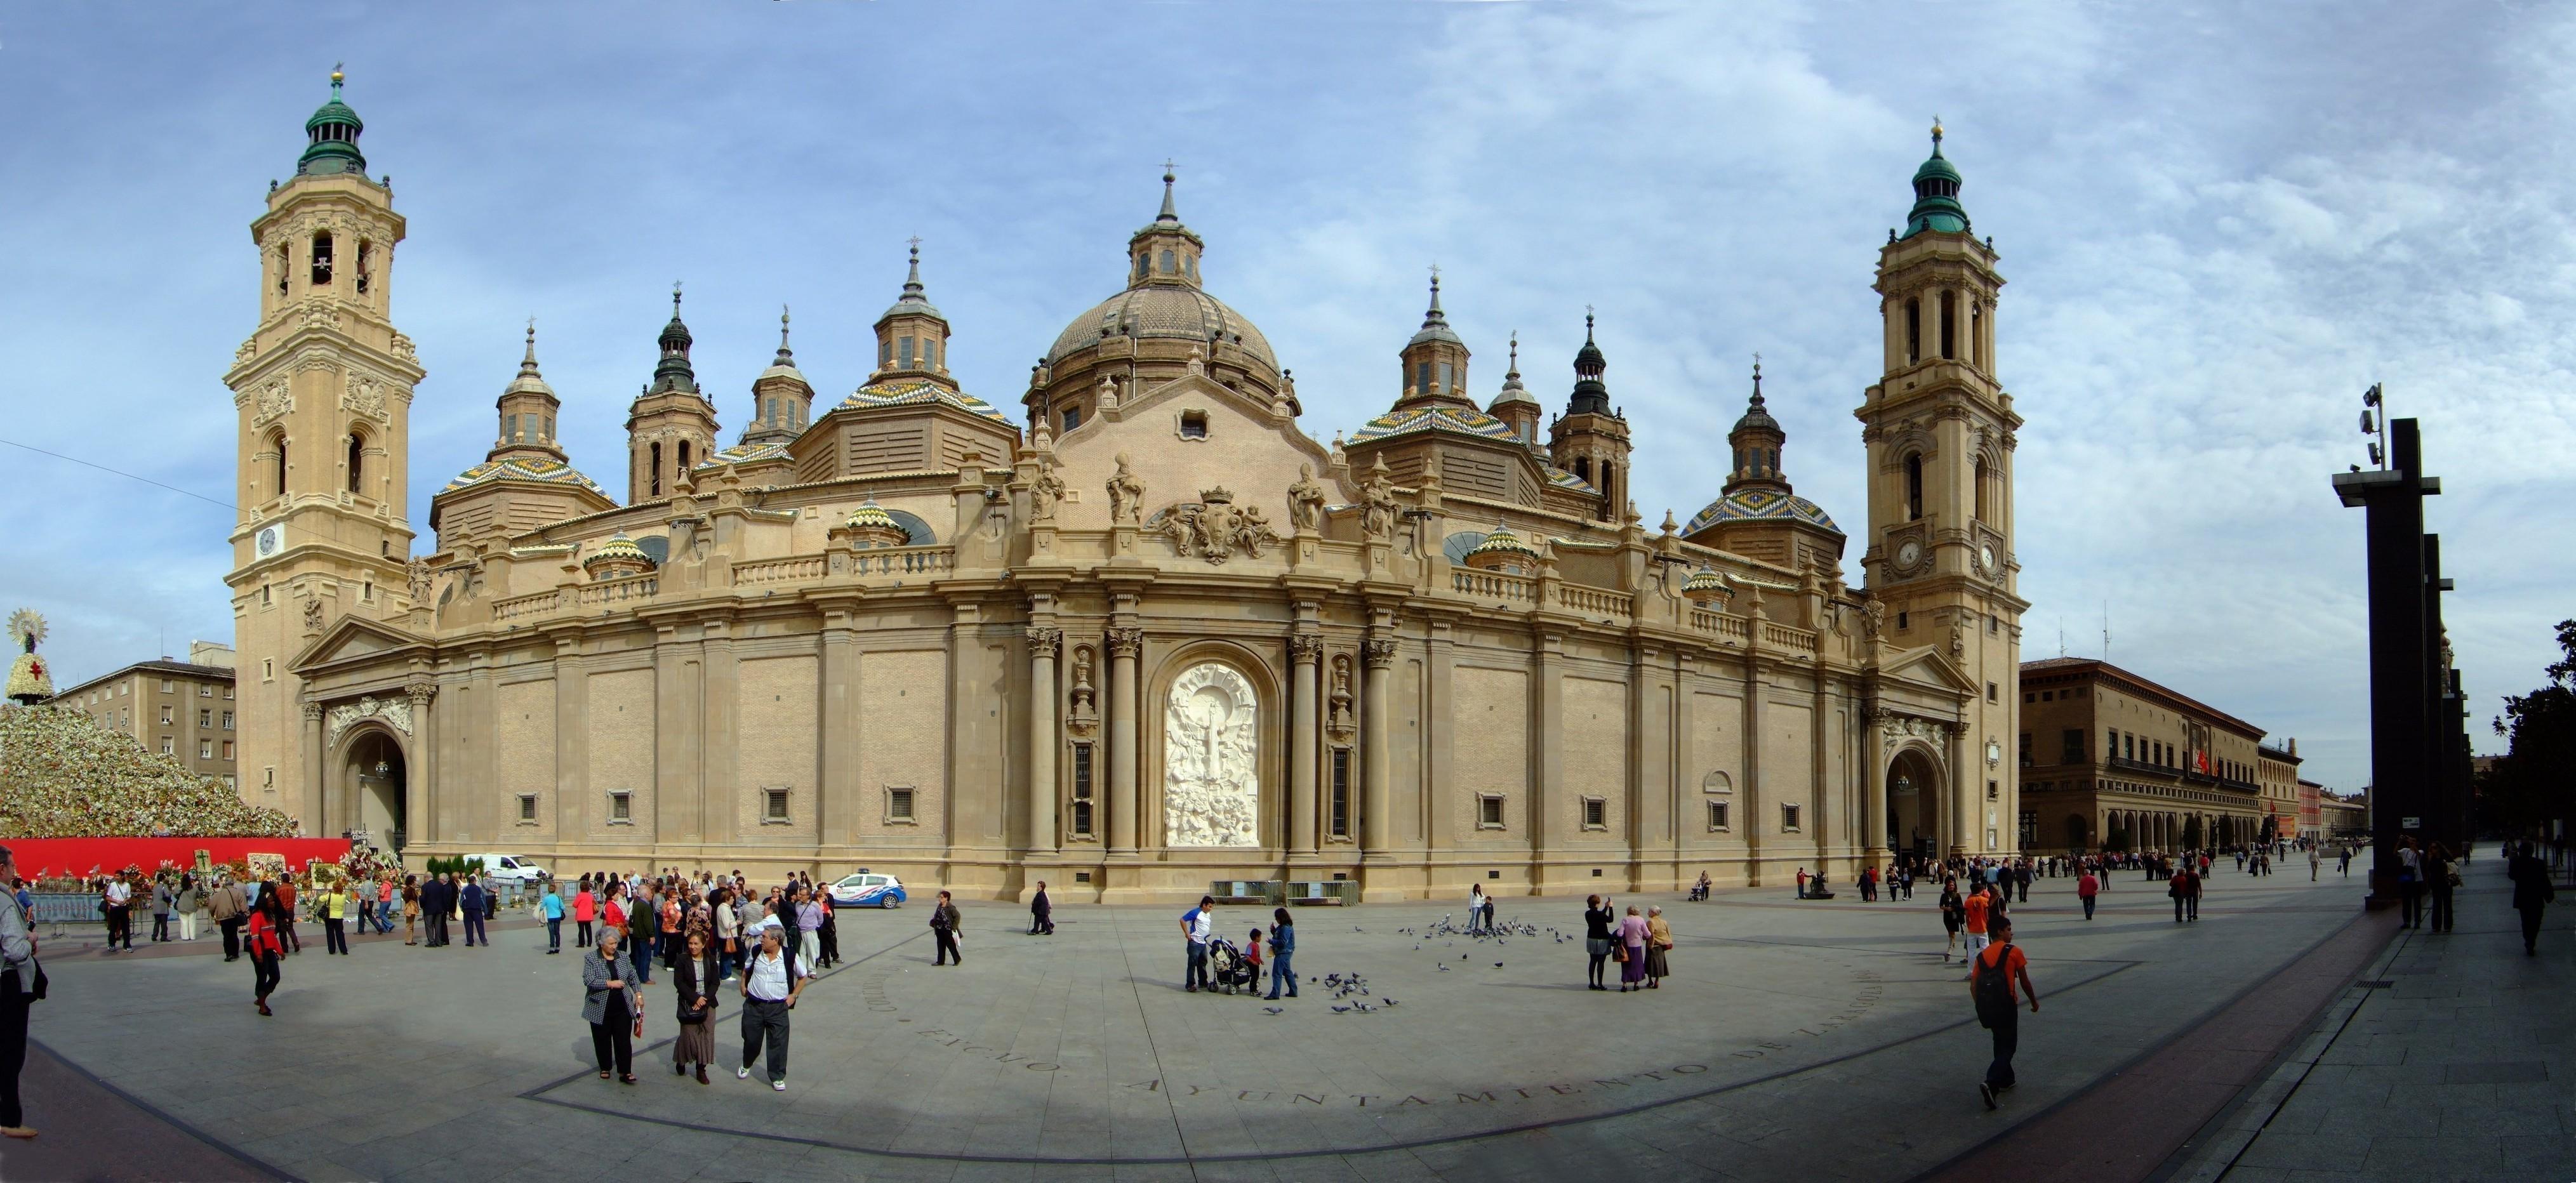 File:Panorámica de la Catedral-Basílica de Nuestra Señora del Pilar.jpg - Wik...